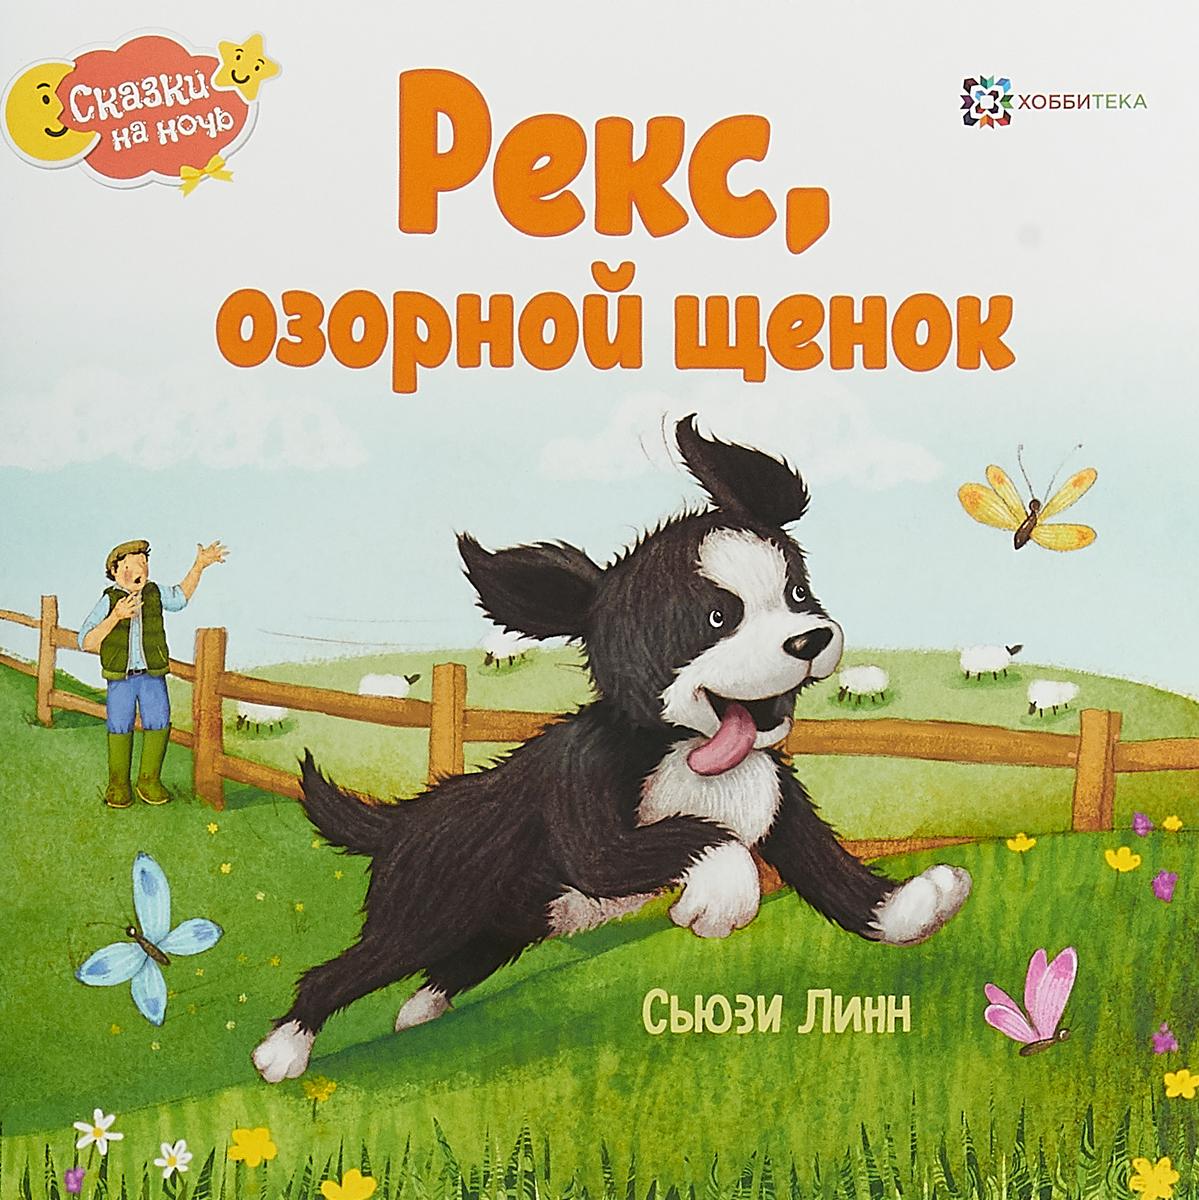 Сьюзи Линн Рекс, озорной щенок